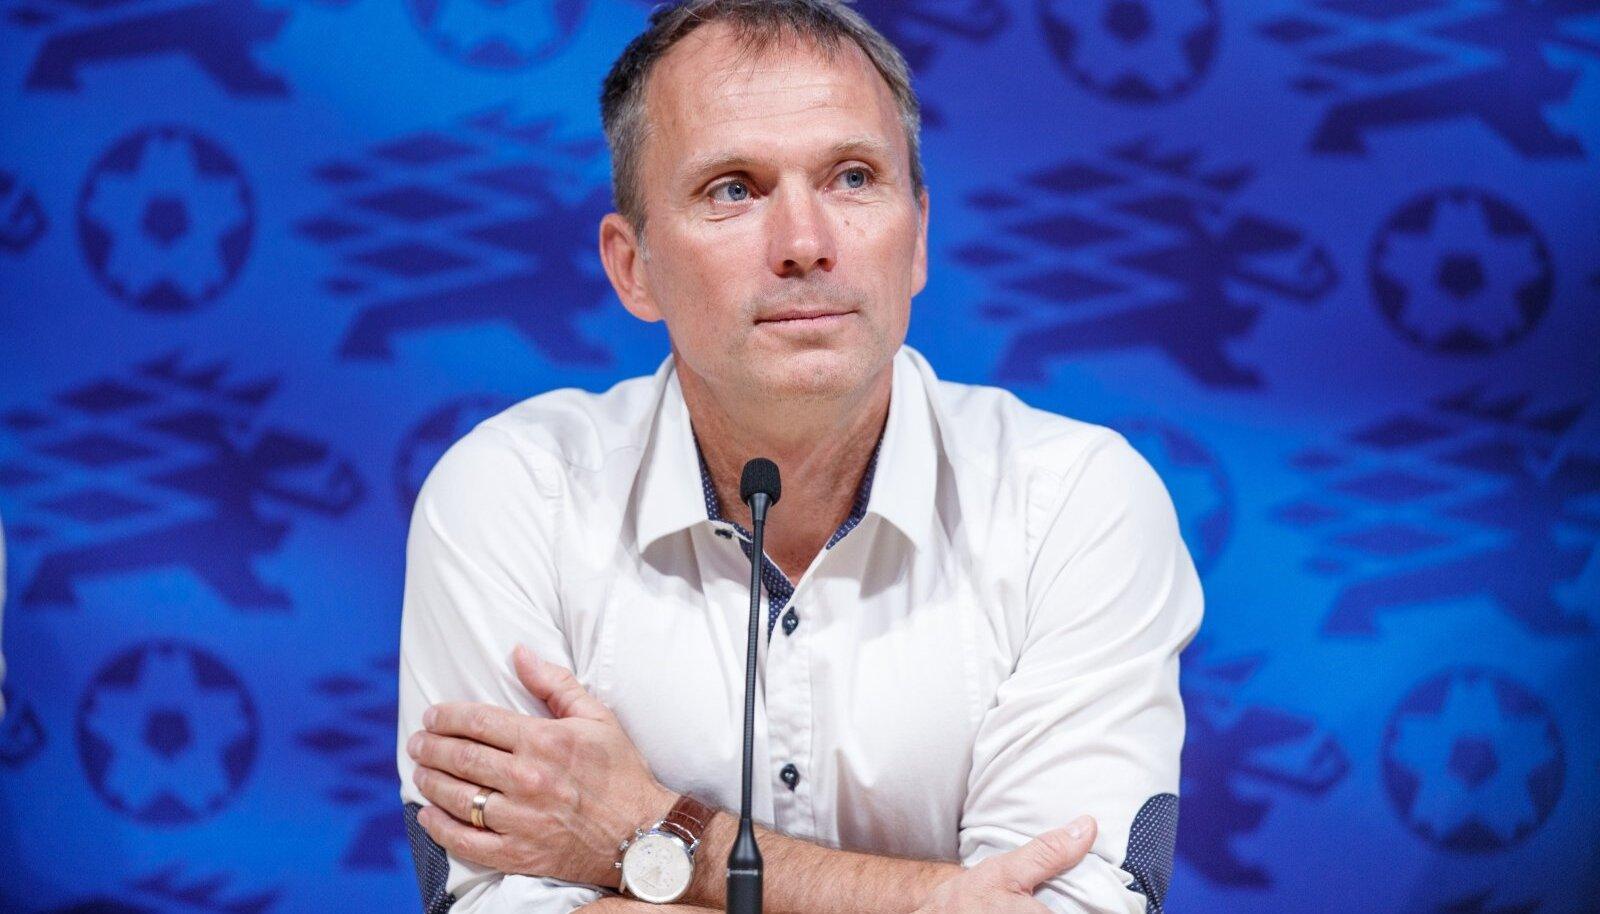 Martin Reim juhendab taas Eesti A-koondist.